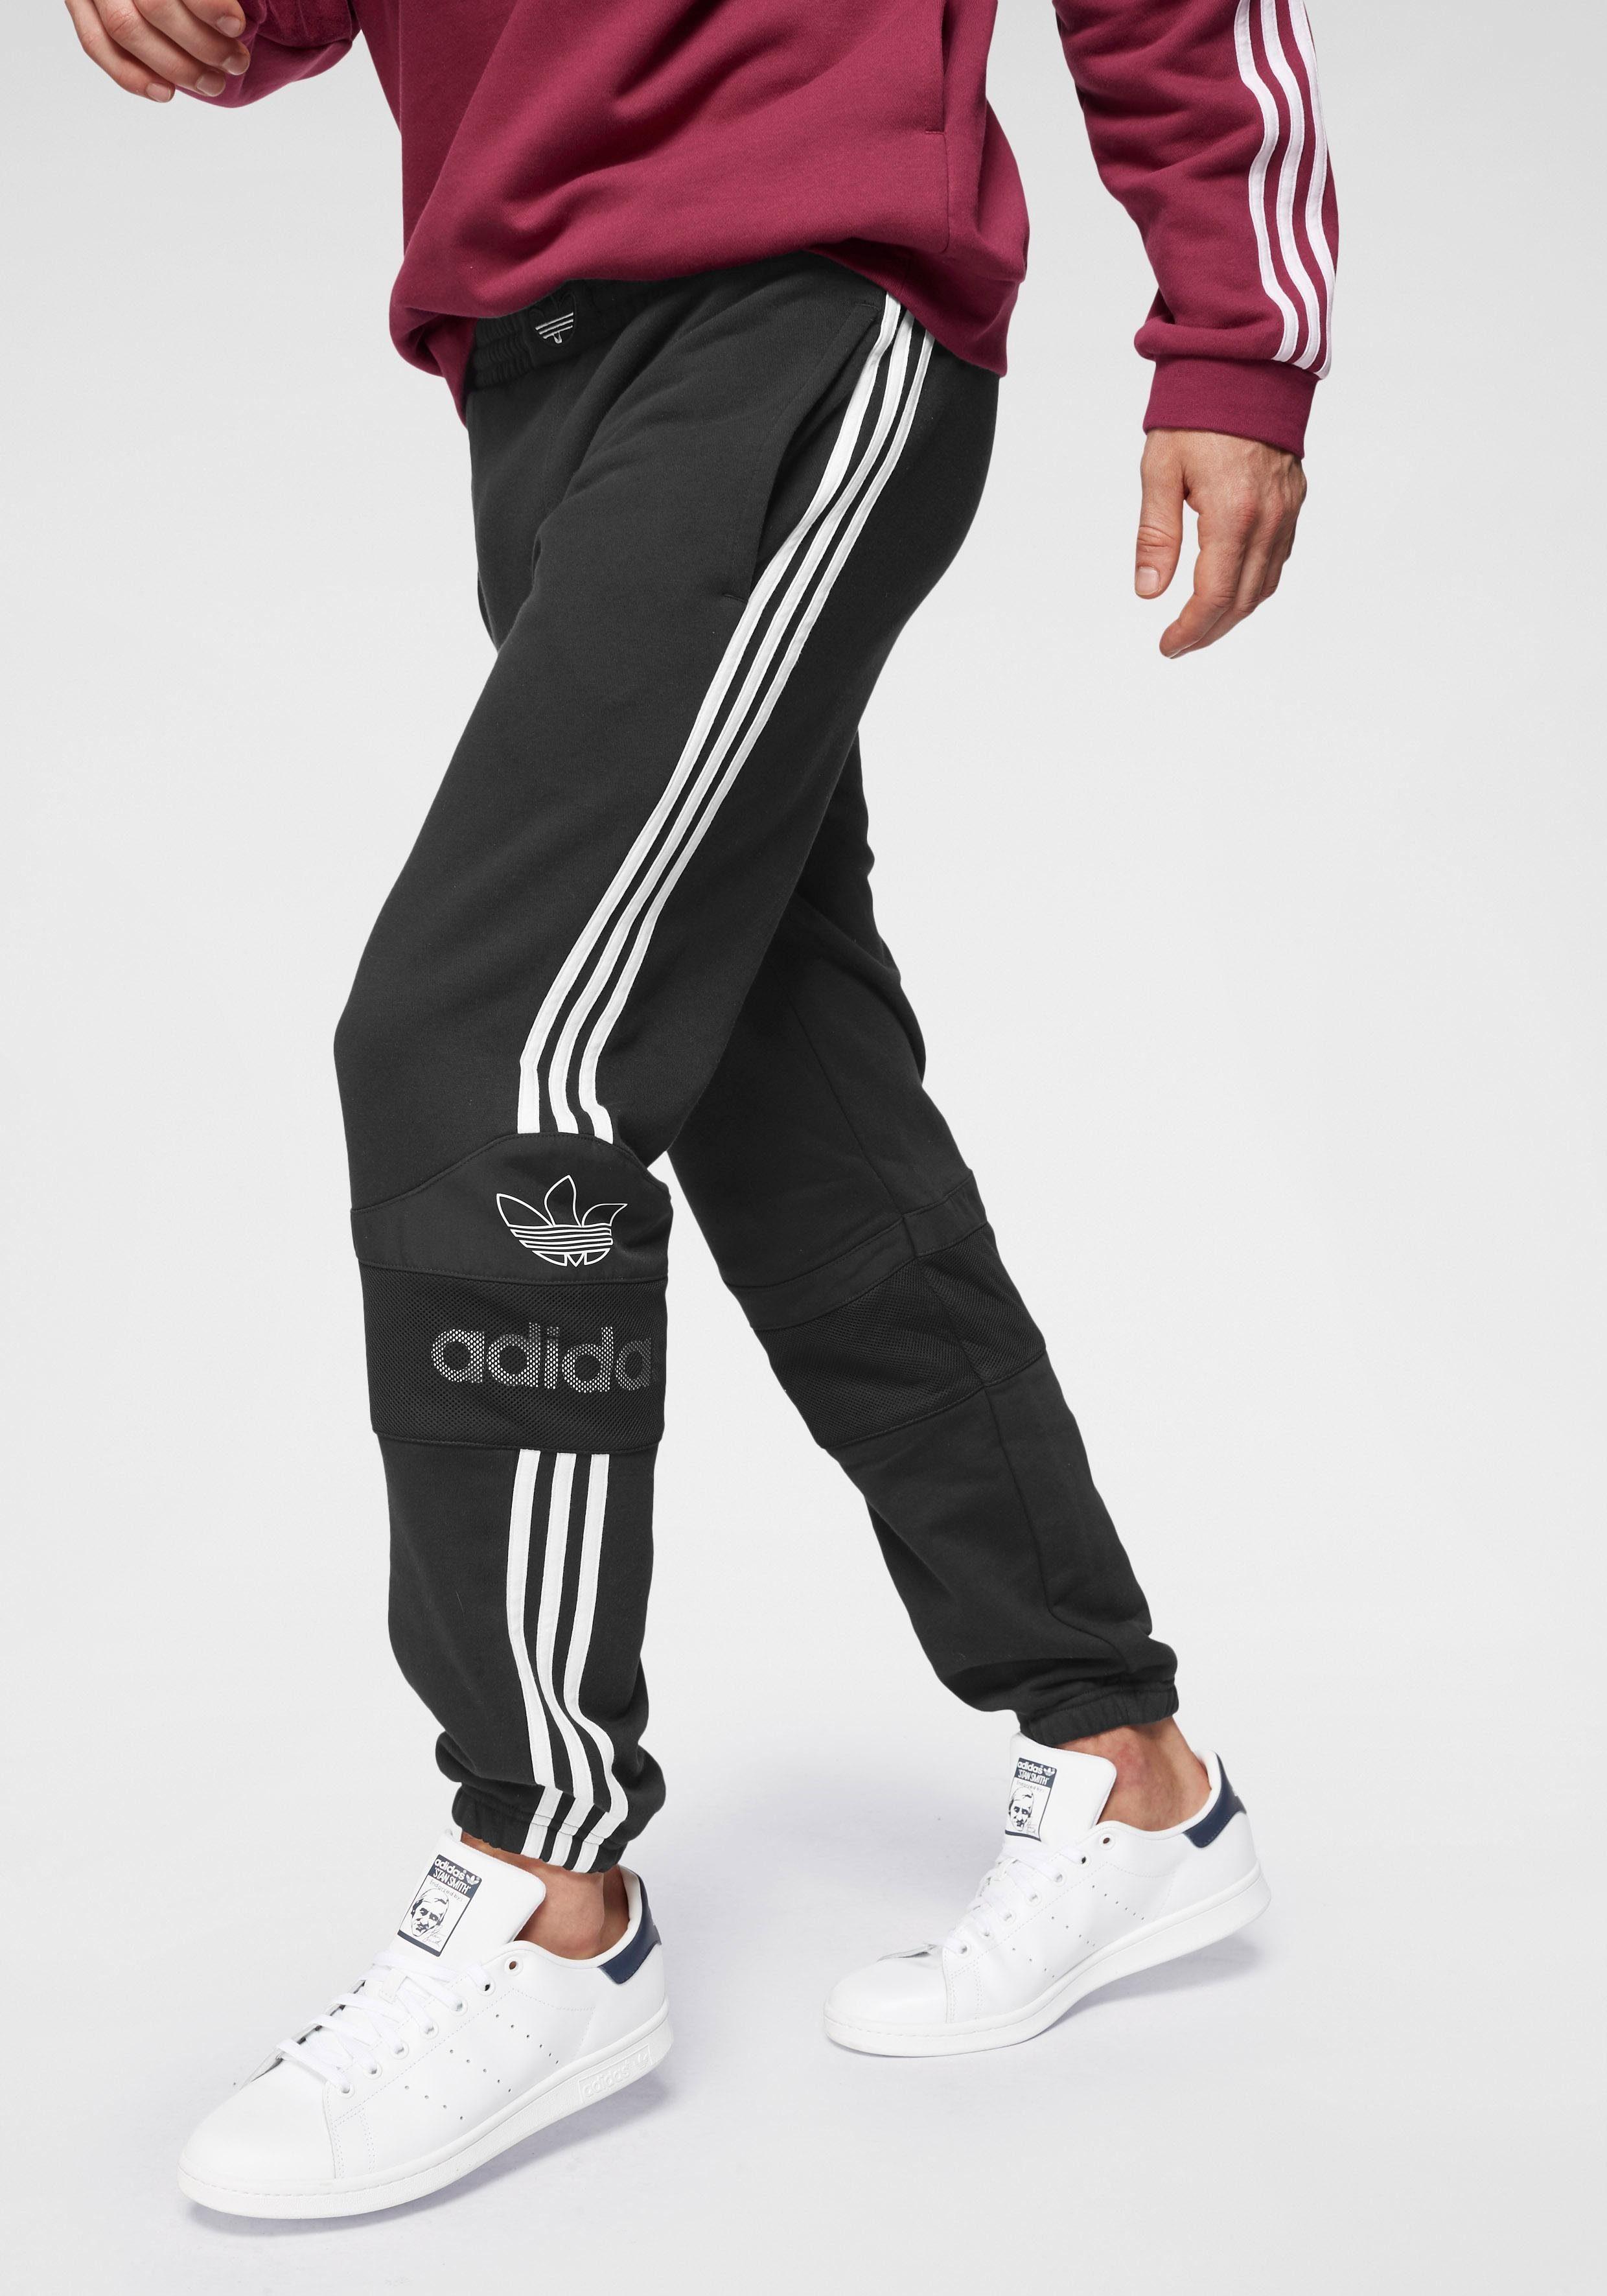 adidas Originals Skinny Joggers   Adidas jogginghose, Adidas